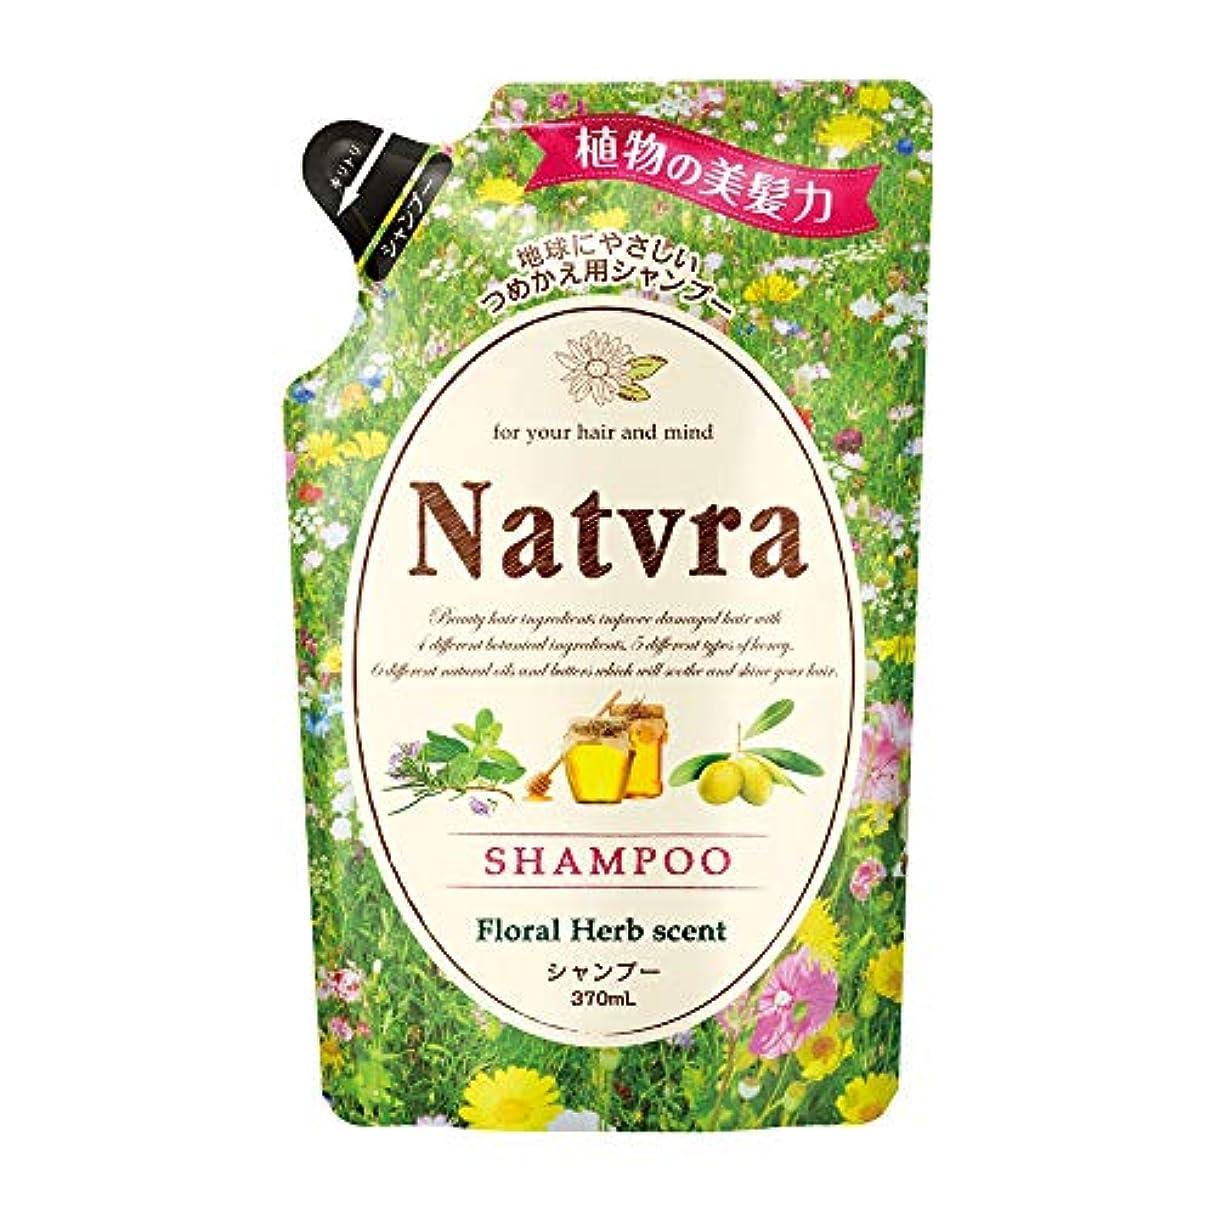 監査受賞時折Natvra(ナチュラ) シャンプー つめかえ用 370ml